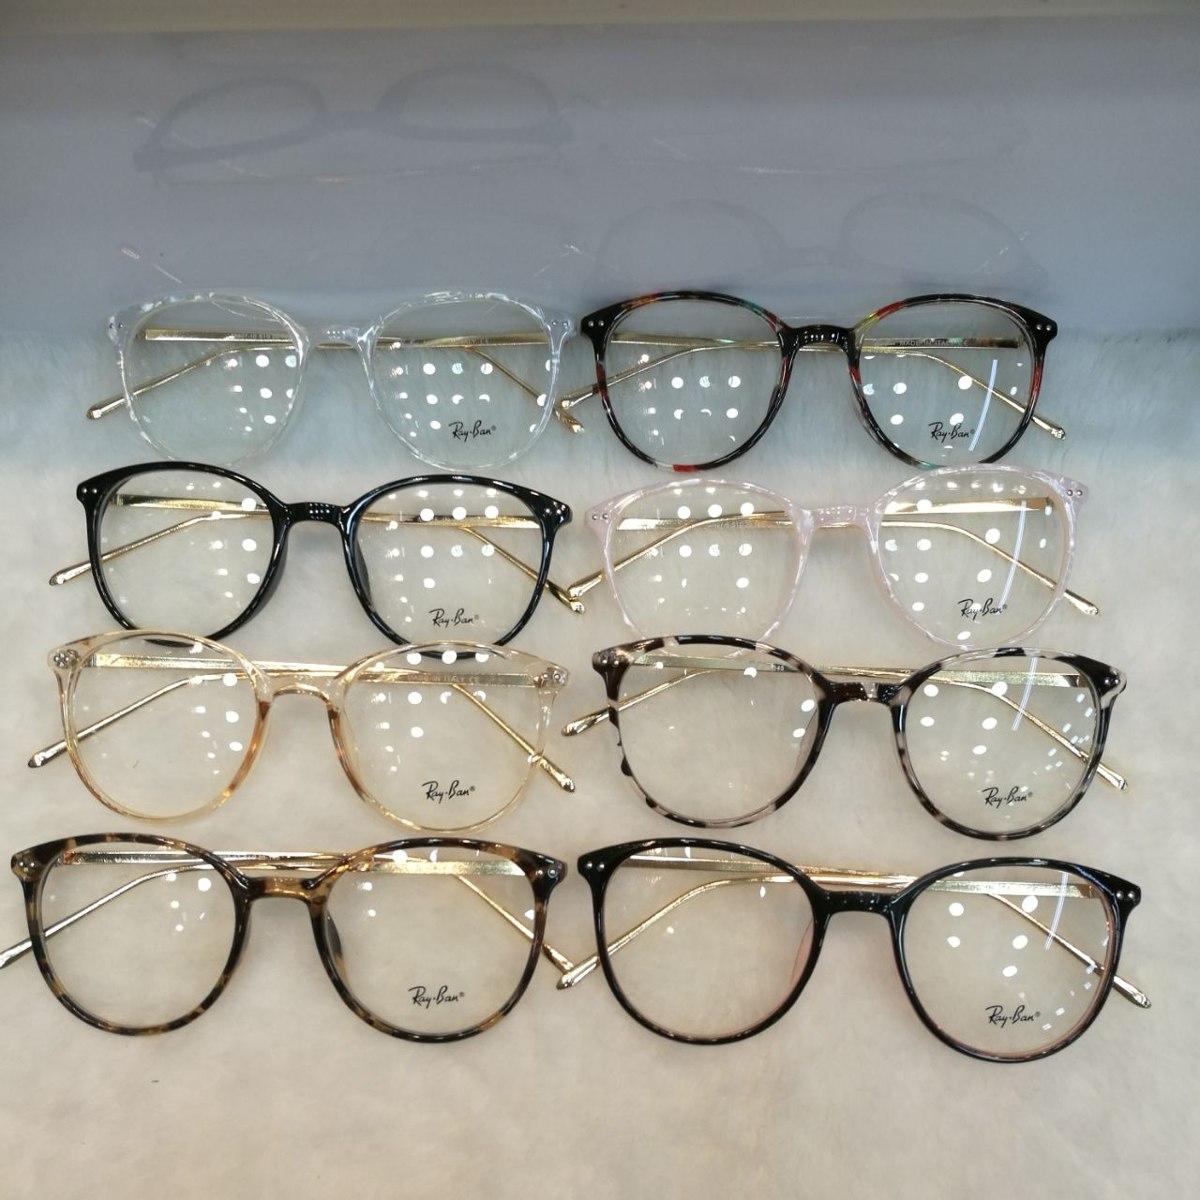 6d7306e994f09 armação óculos de grau redondo geek metal acetato frete+brin. Carregando  zoom.